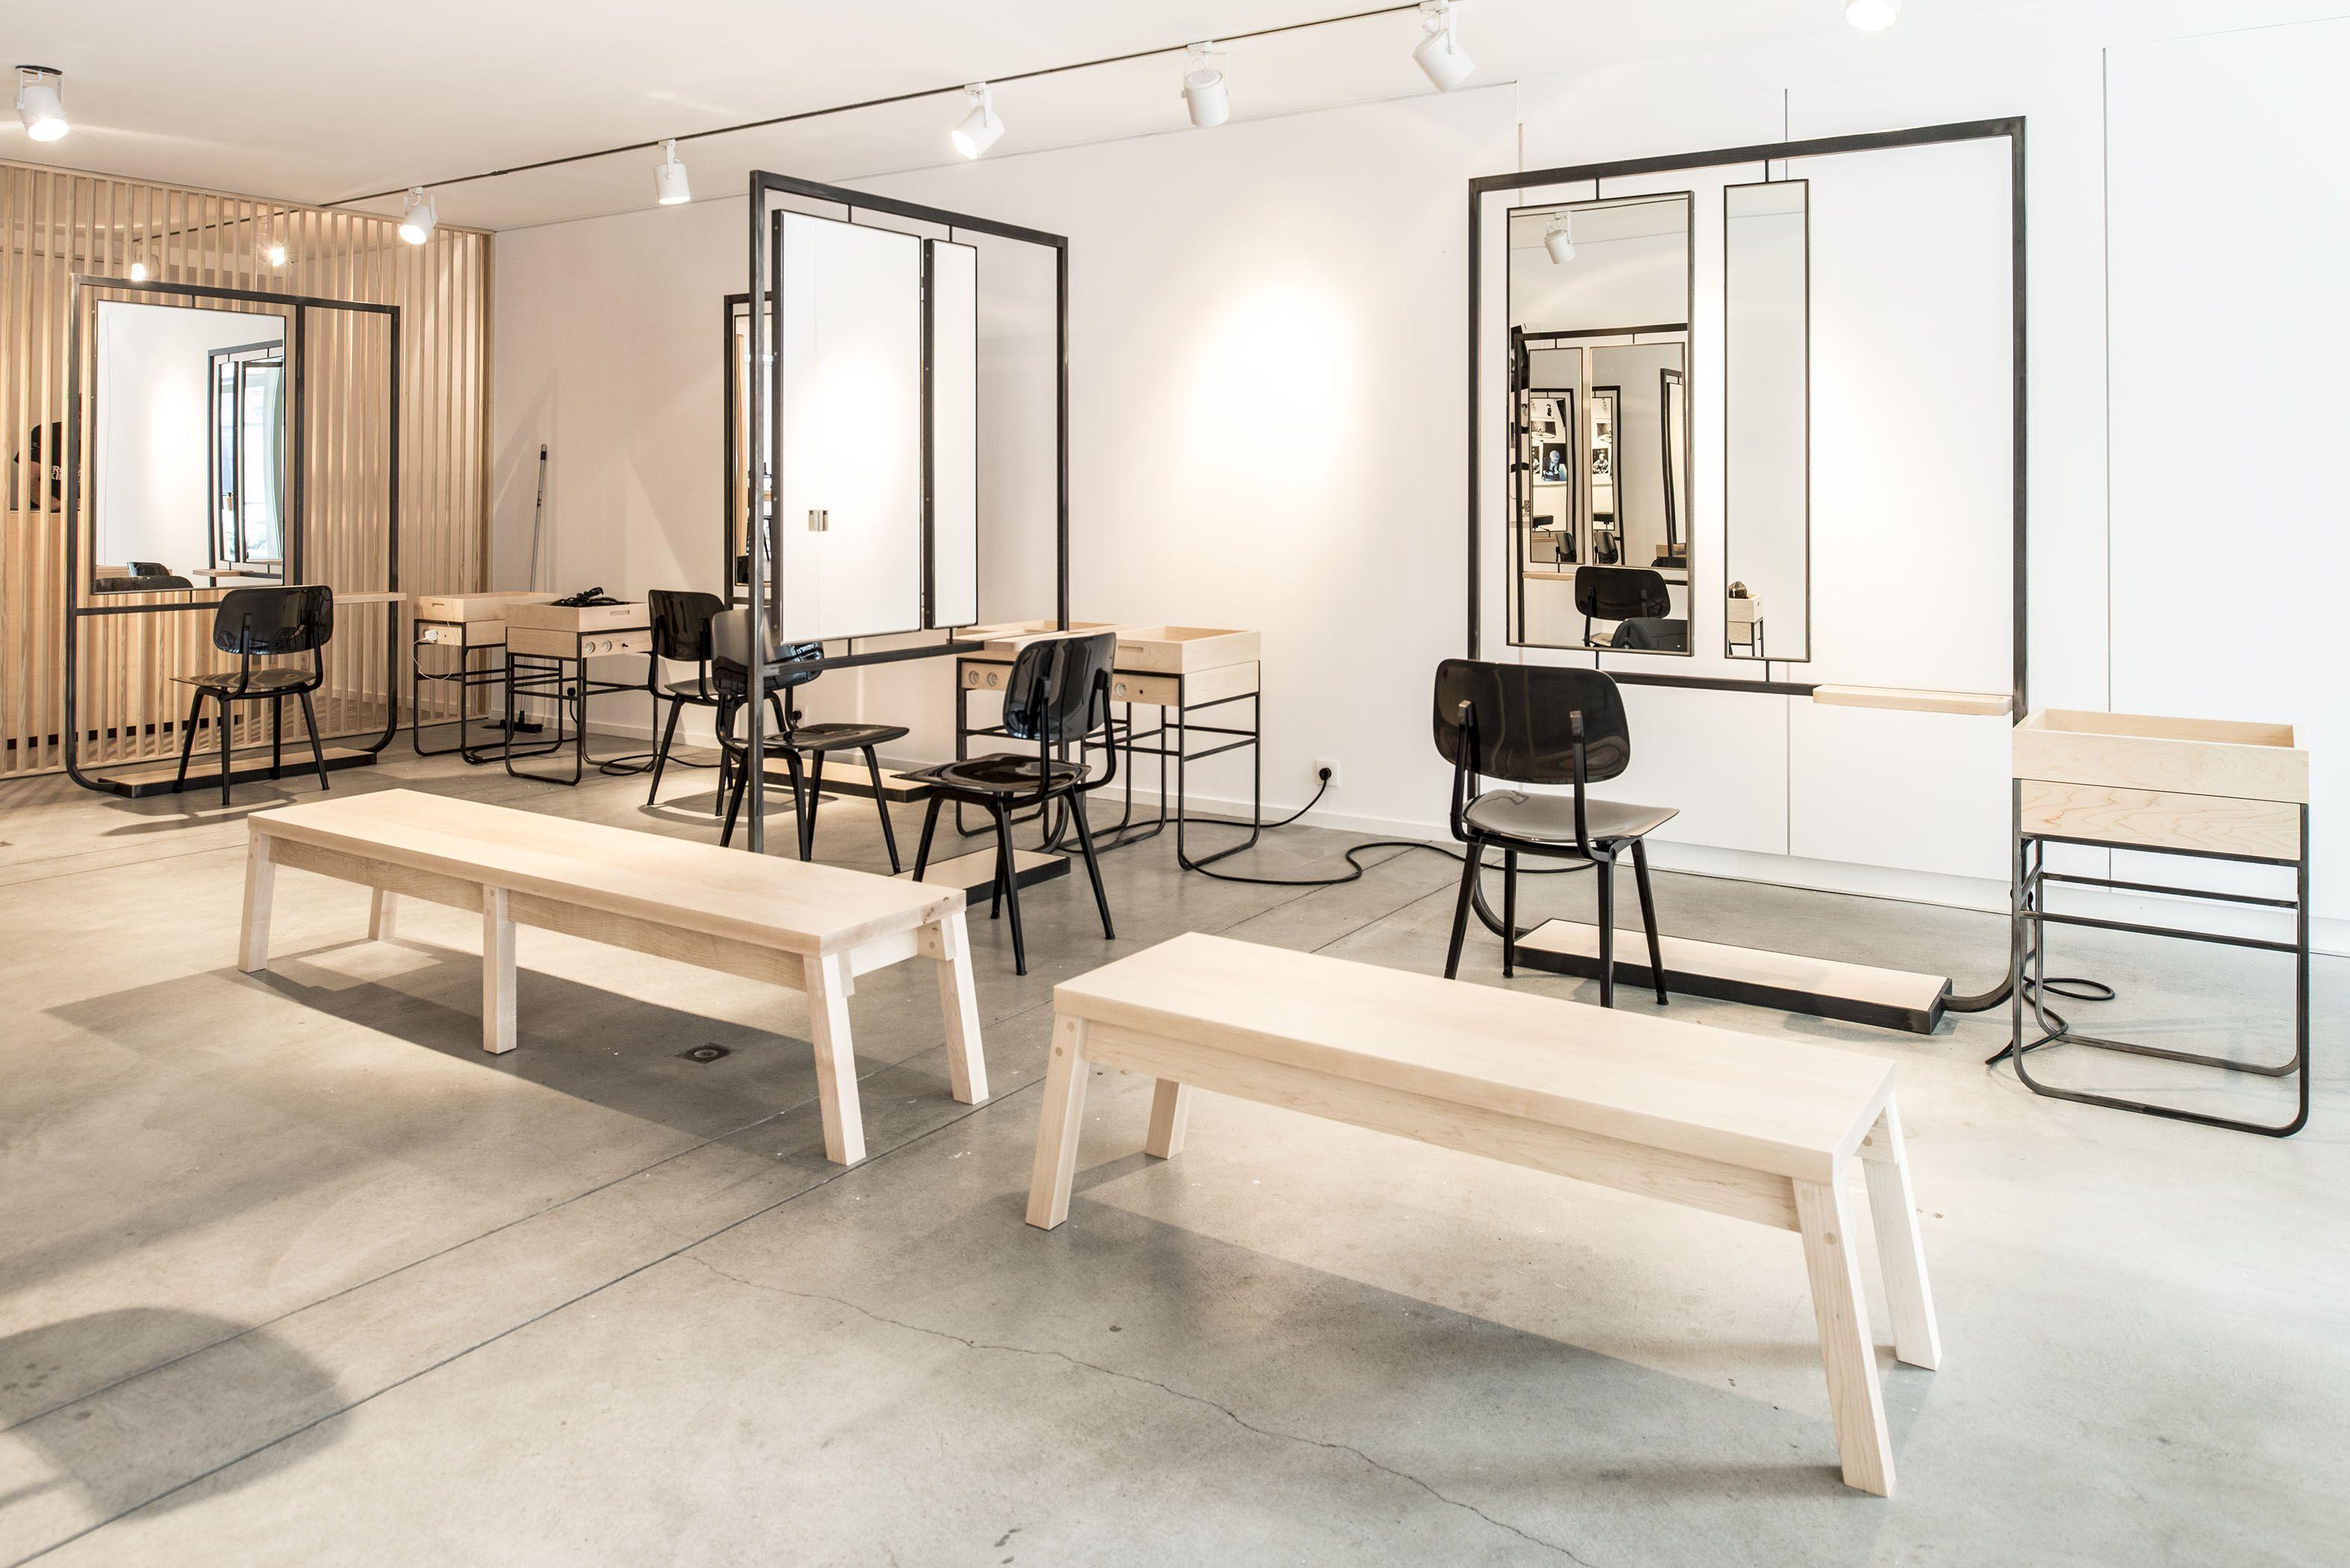 inneneinrichtung design studium adrien coelho premier studio hairdresser designed by